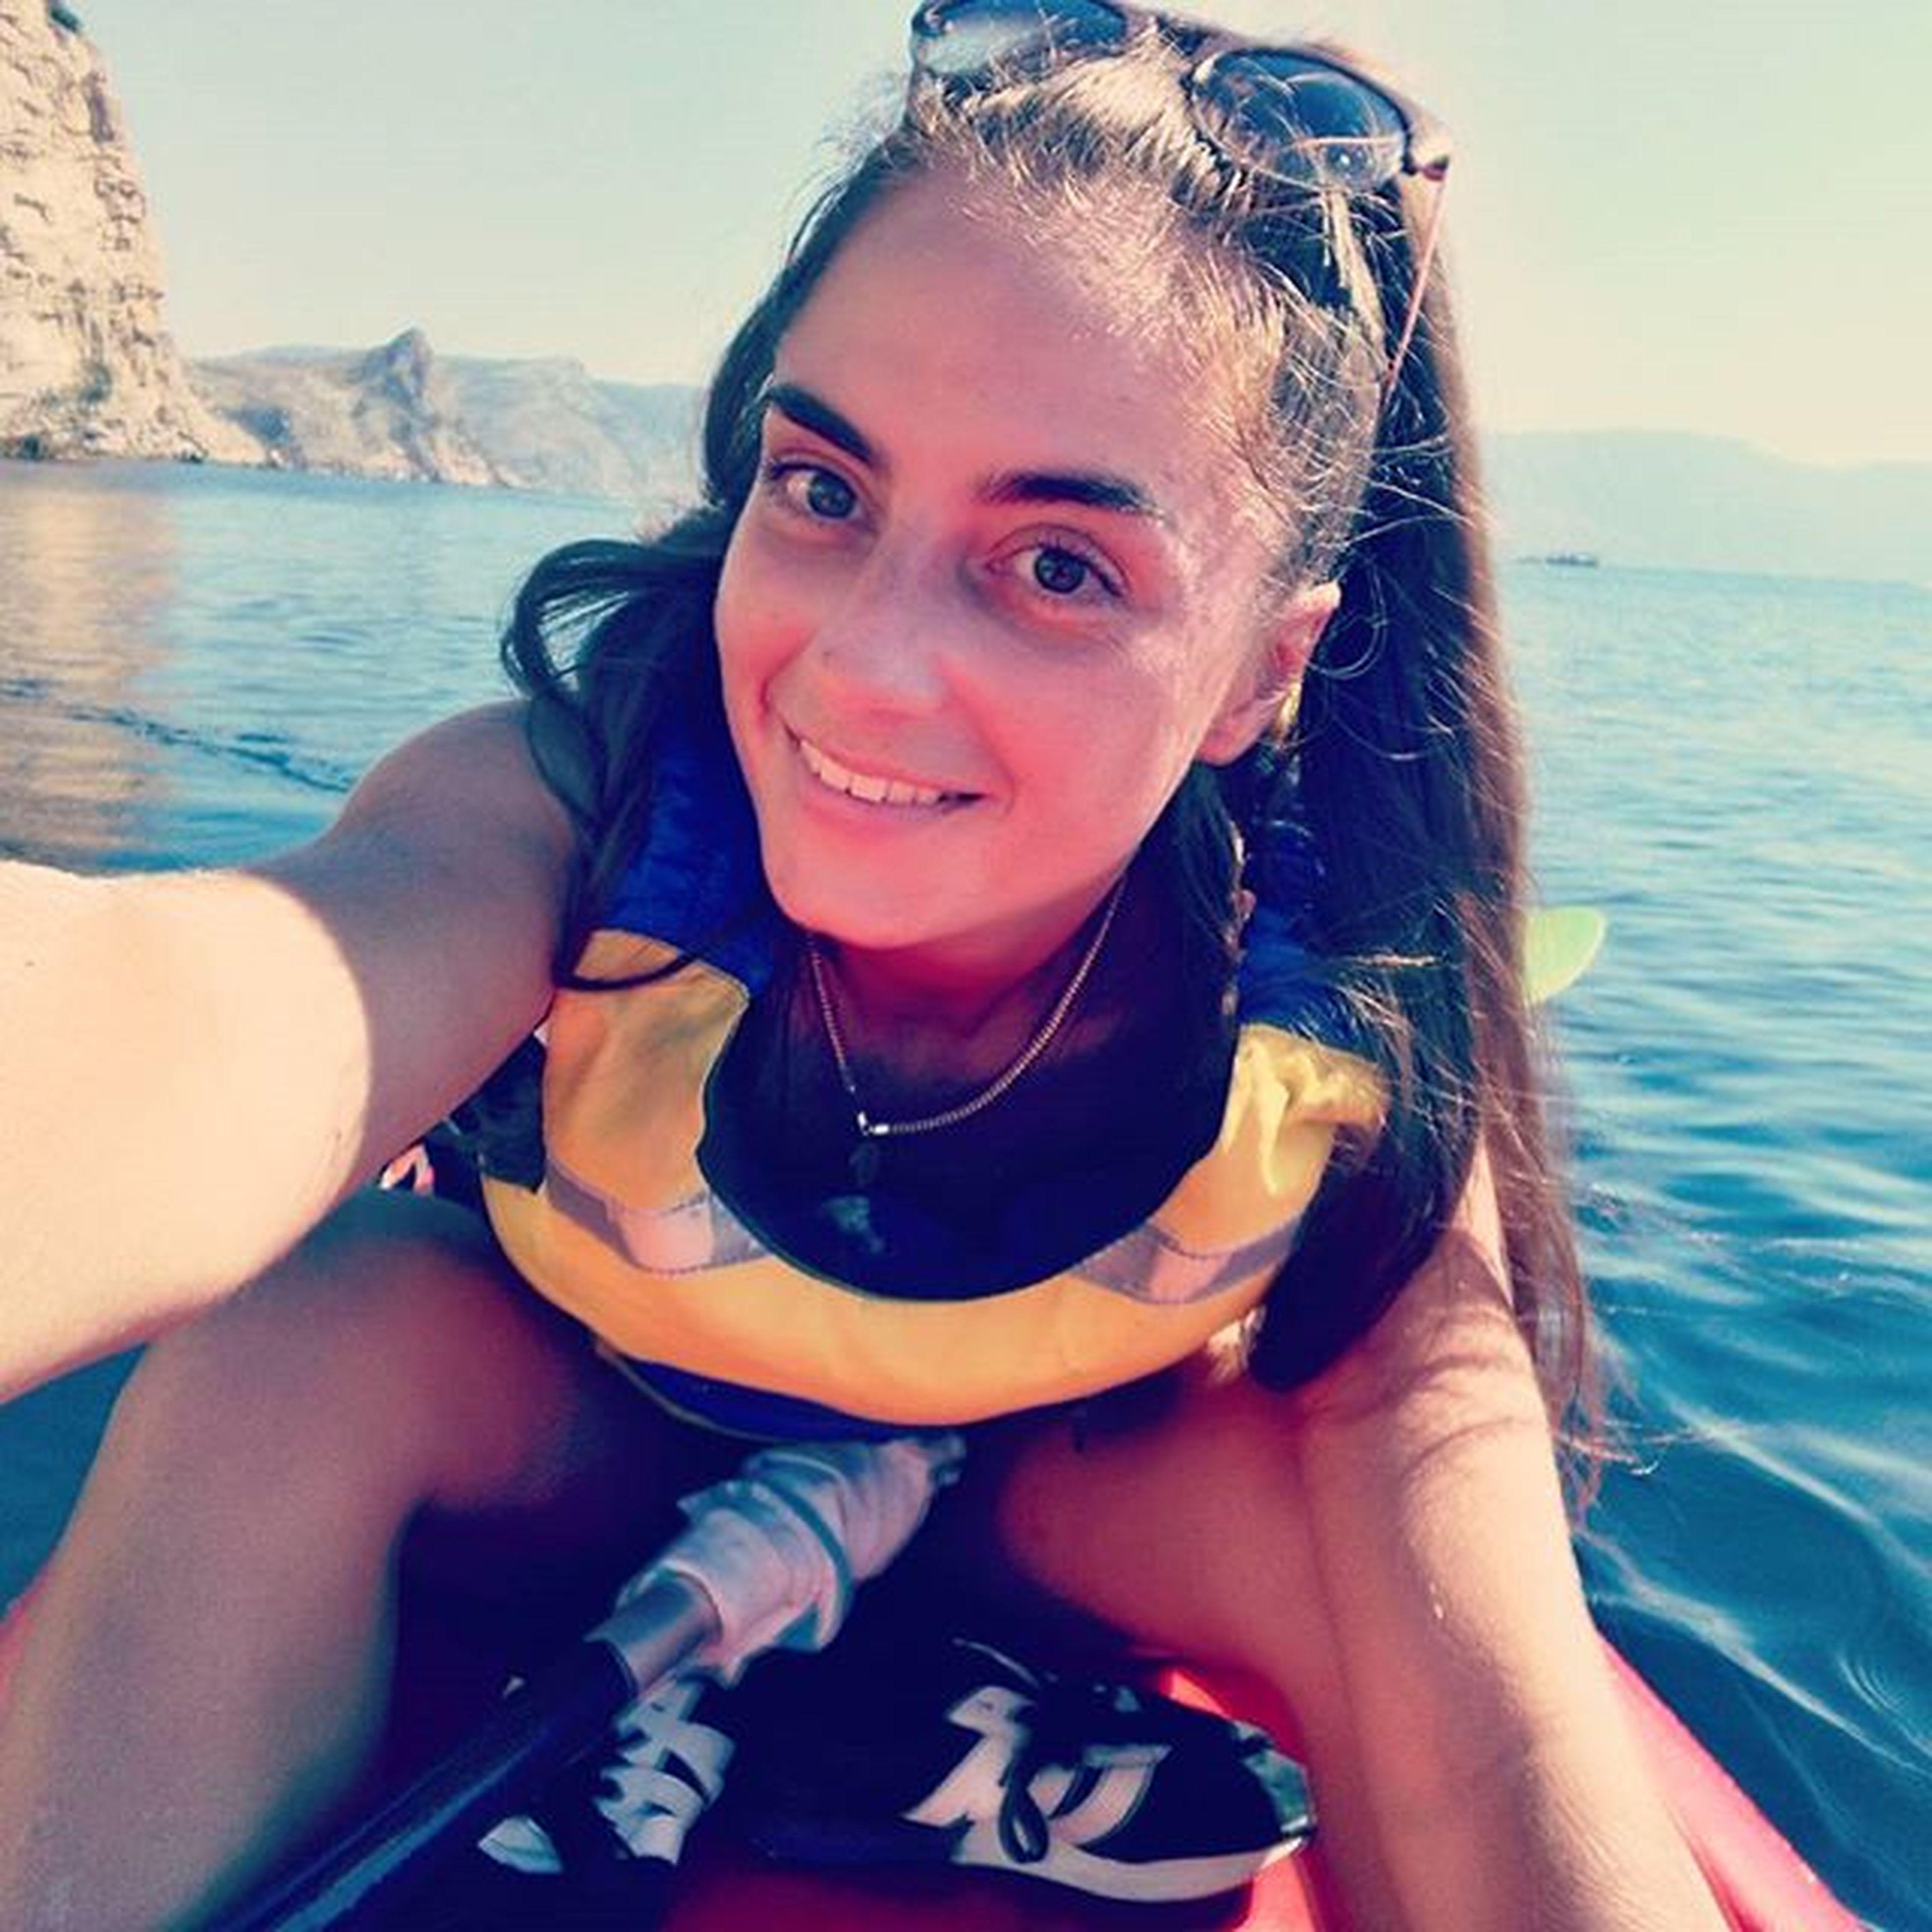 коякинг Beautiful Girl Russia Happiness Kayaking Fall In Love ♡